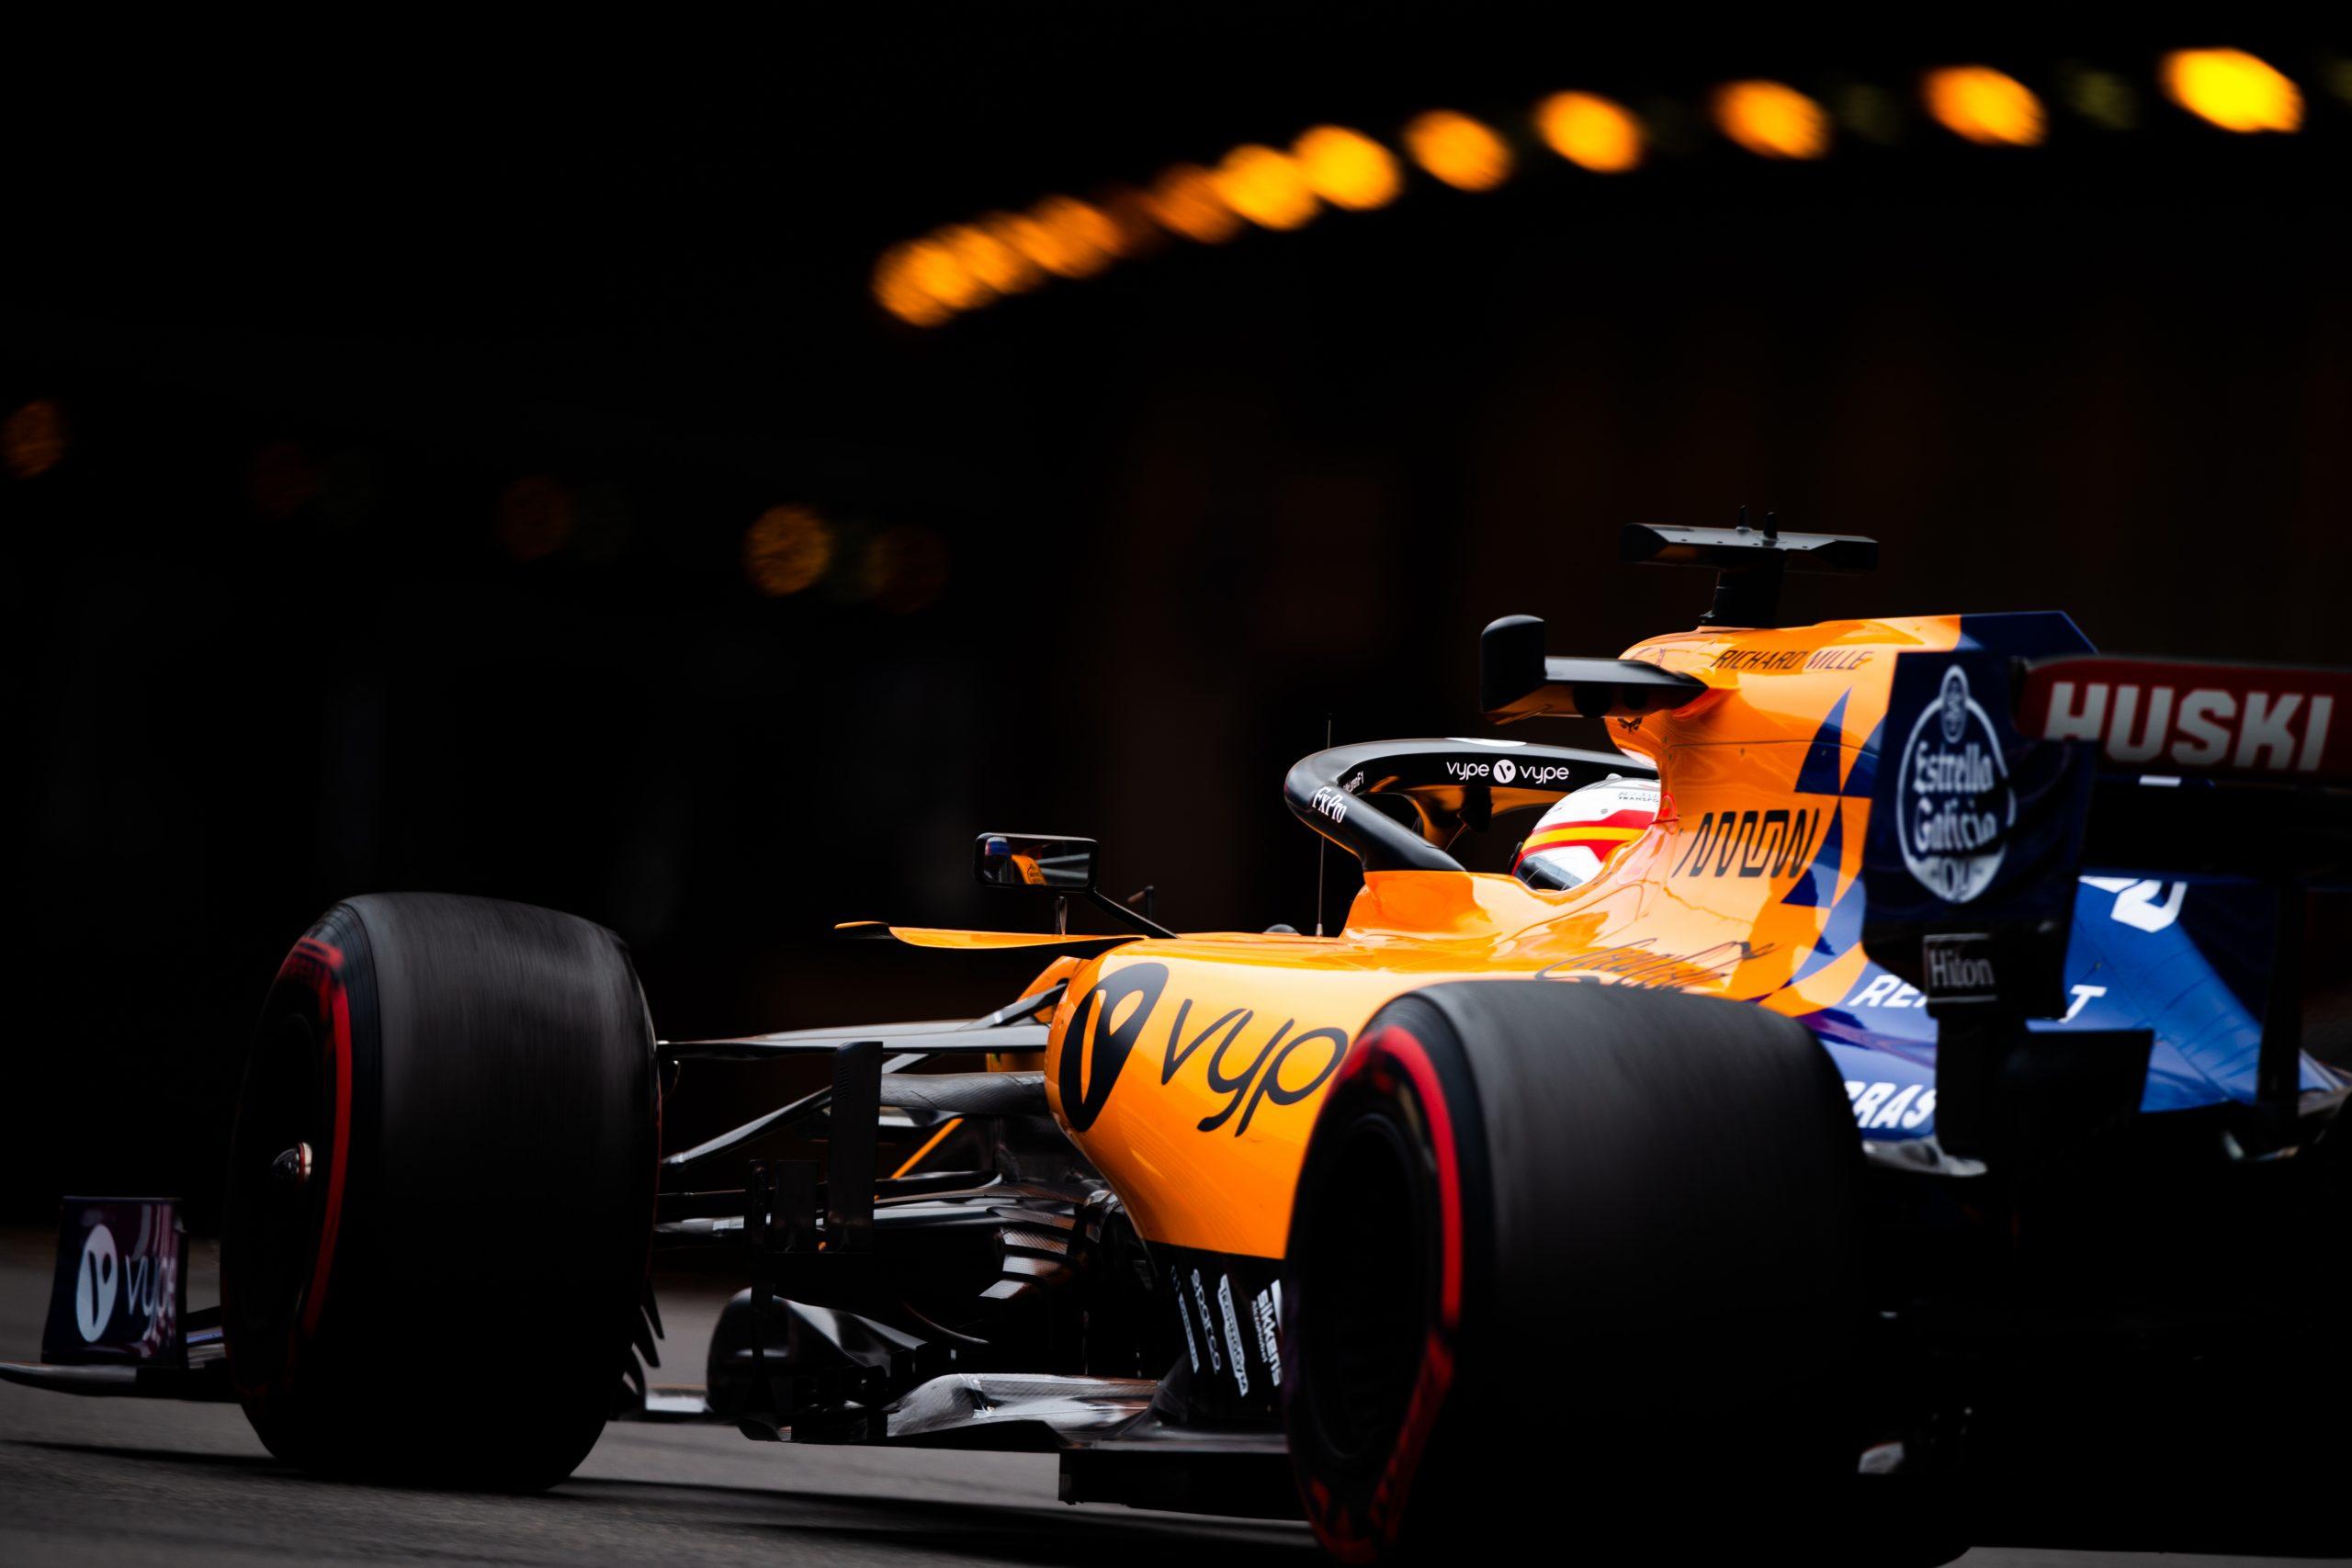 F1 – MONACO GRAND PRIX – 2019